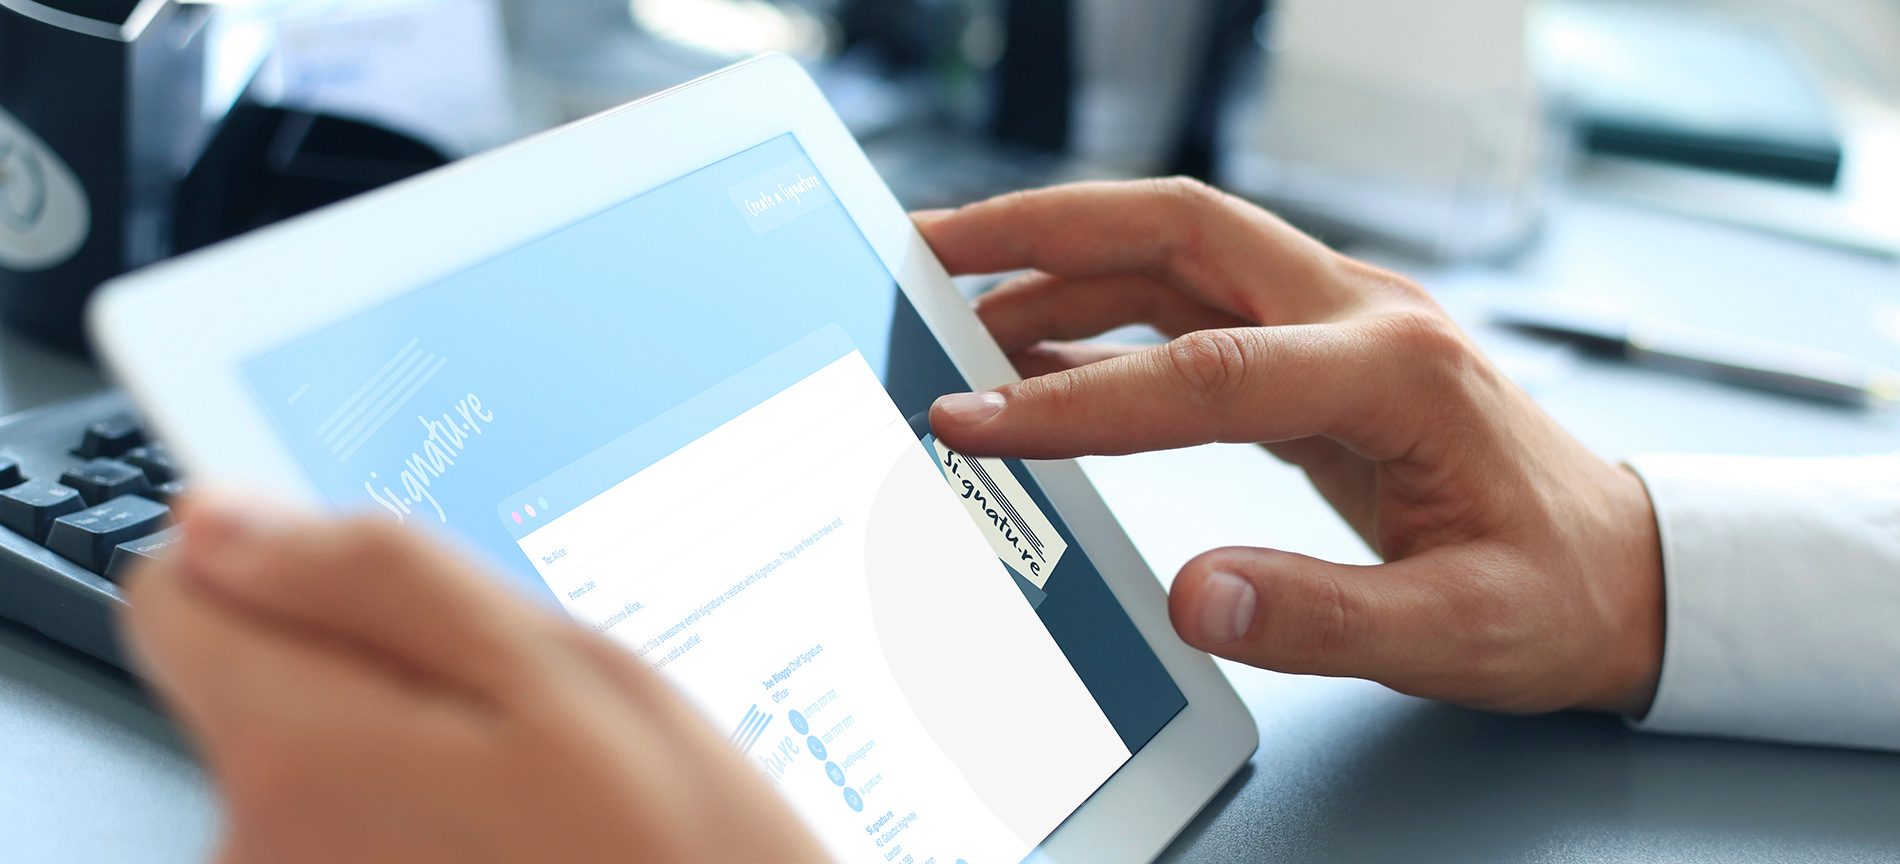 Editing an email signature on an iPad - desktop